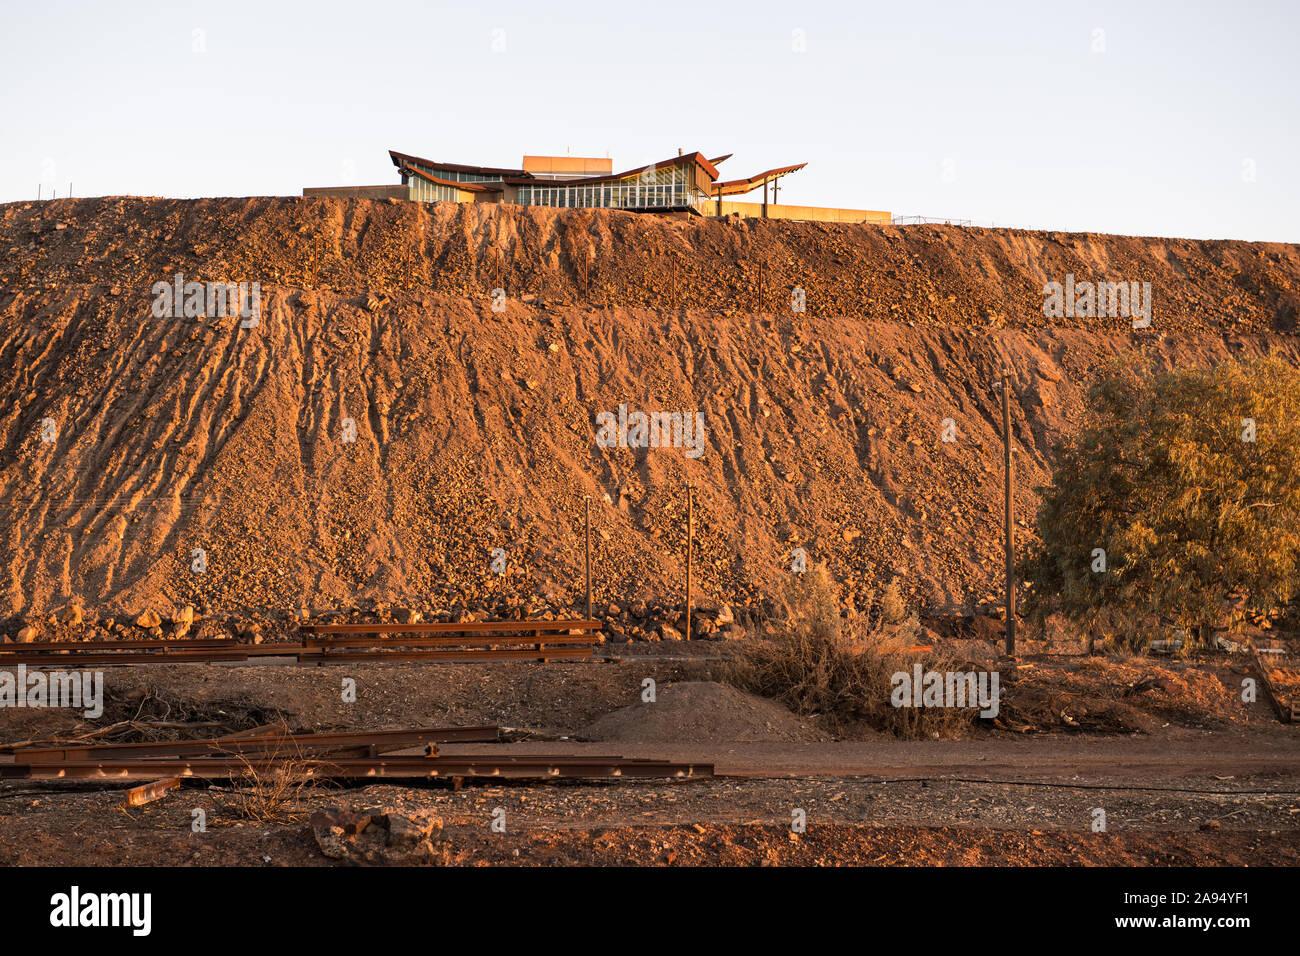 Linea di Lode minatori Memorial - Broken Hill, Nuovo Galles del Sud, Australia Foto Stock